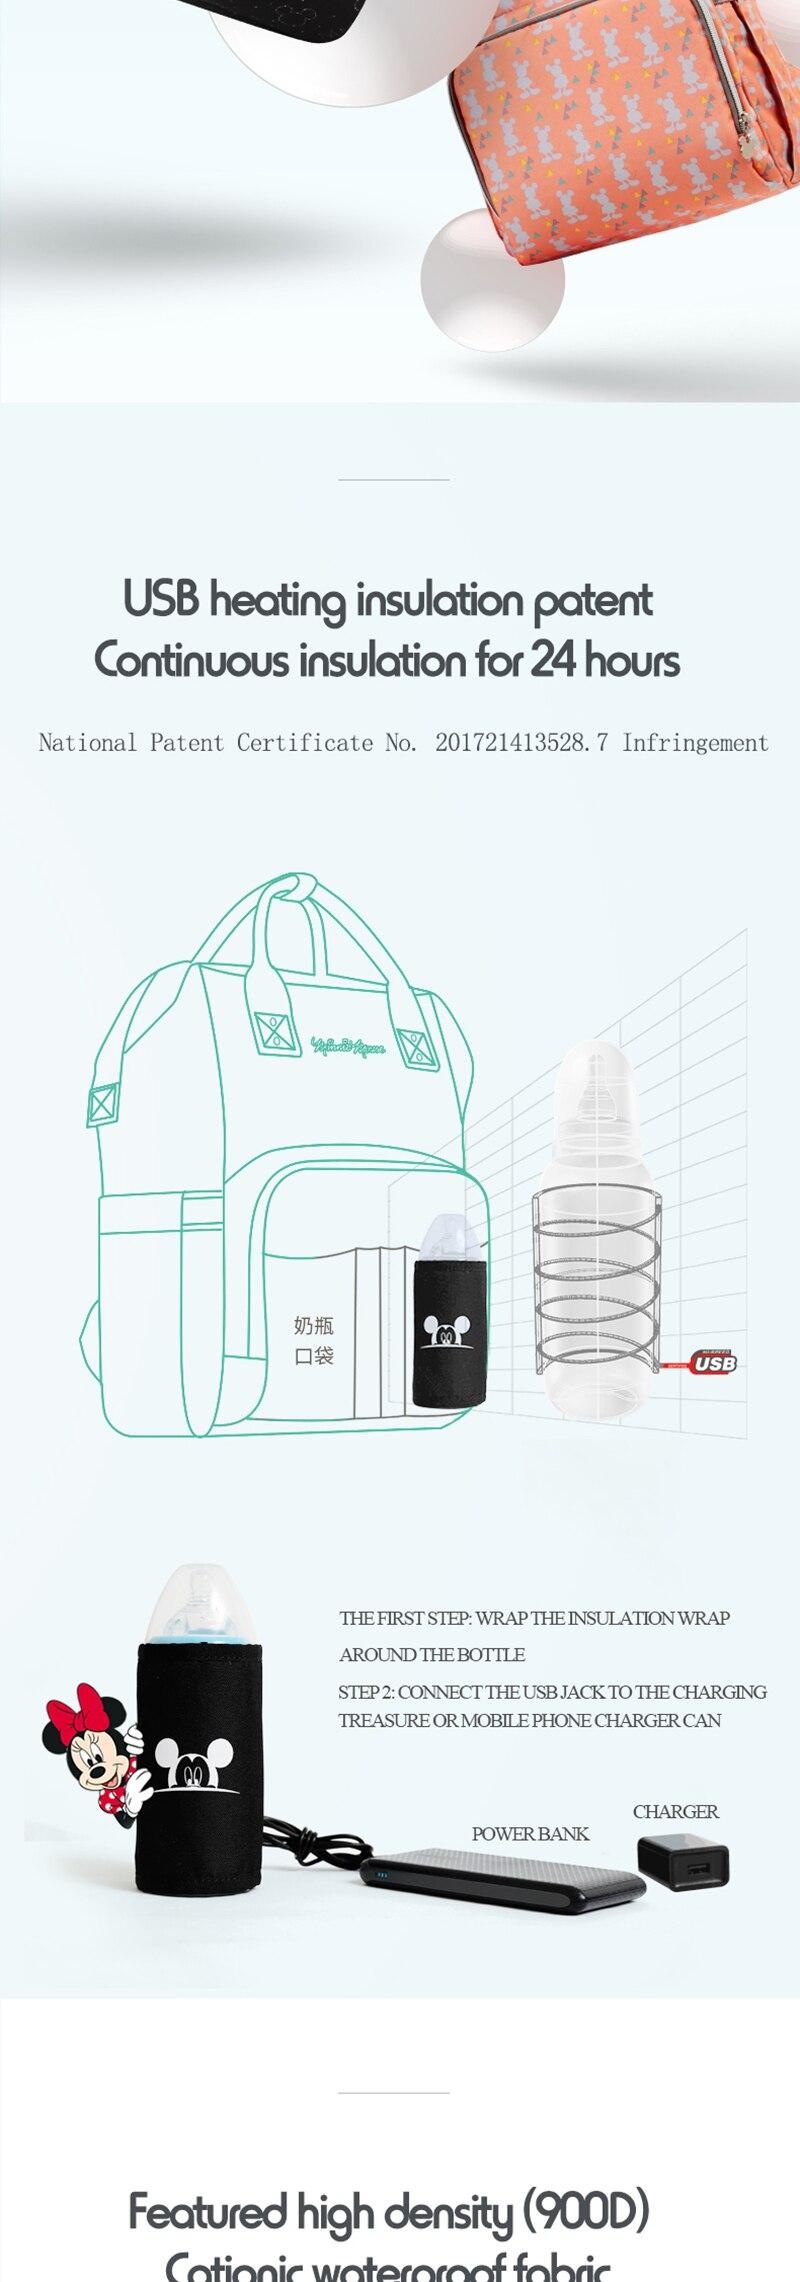 HTB1BhoYg9zqK1RjSZFpq6ykSXXaw Disney Diaper Bag Backpack For Moms Baby Bag Maternity For Baby Care Nappy Bag Travel Stroller USB Heating Send Free 1Piar Hooks